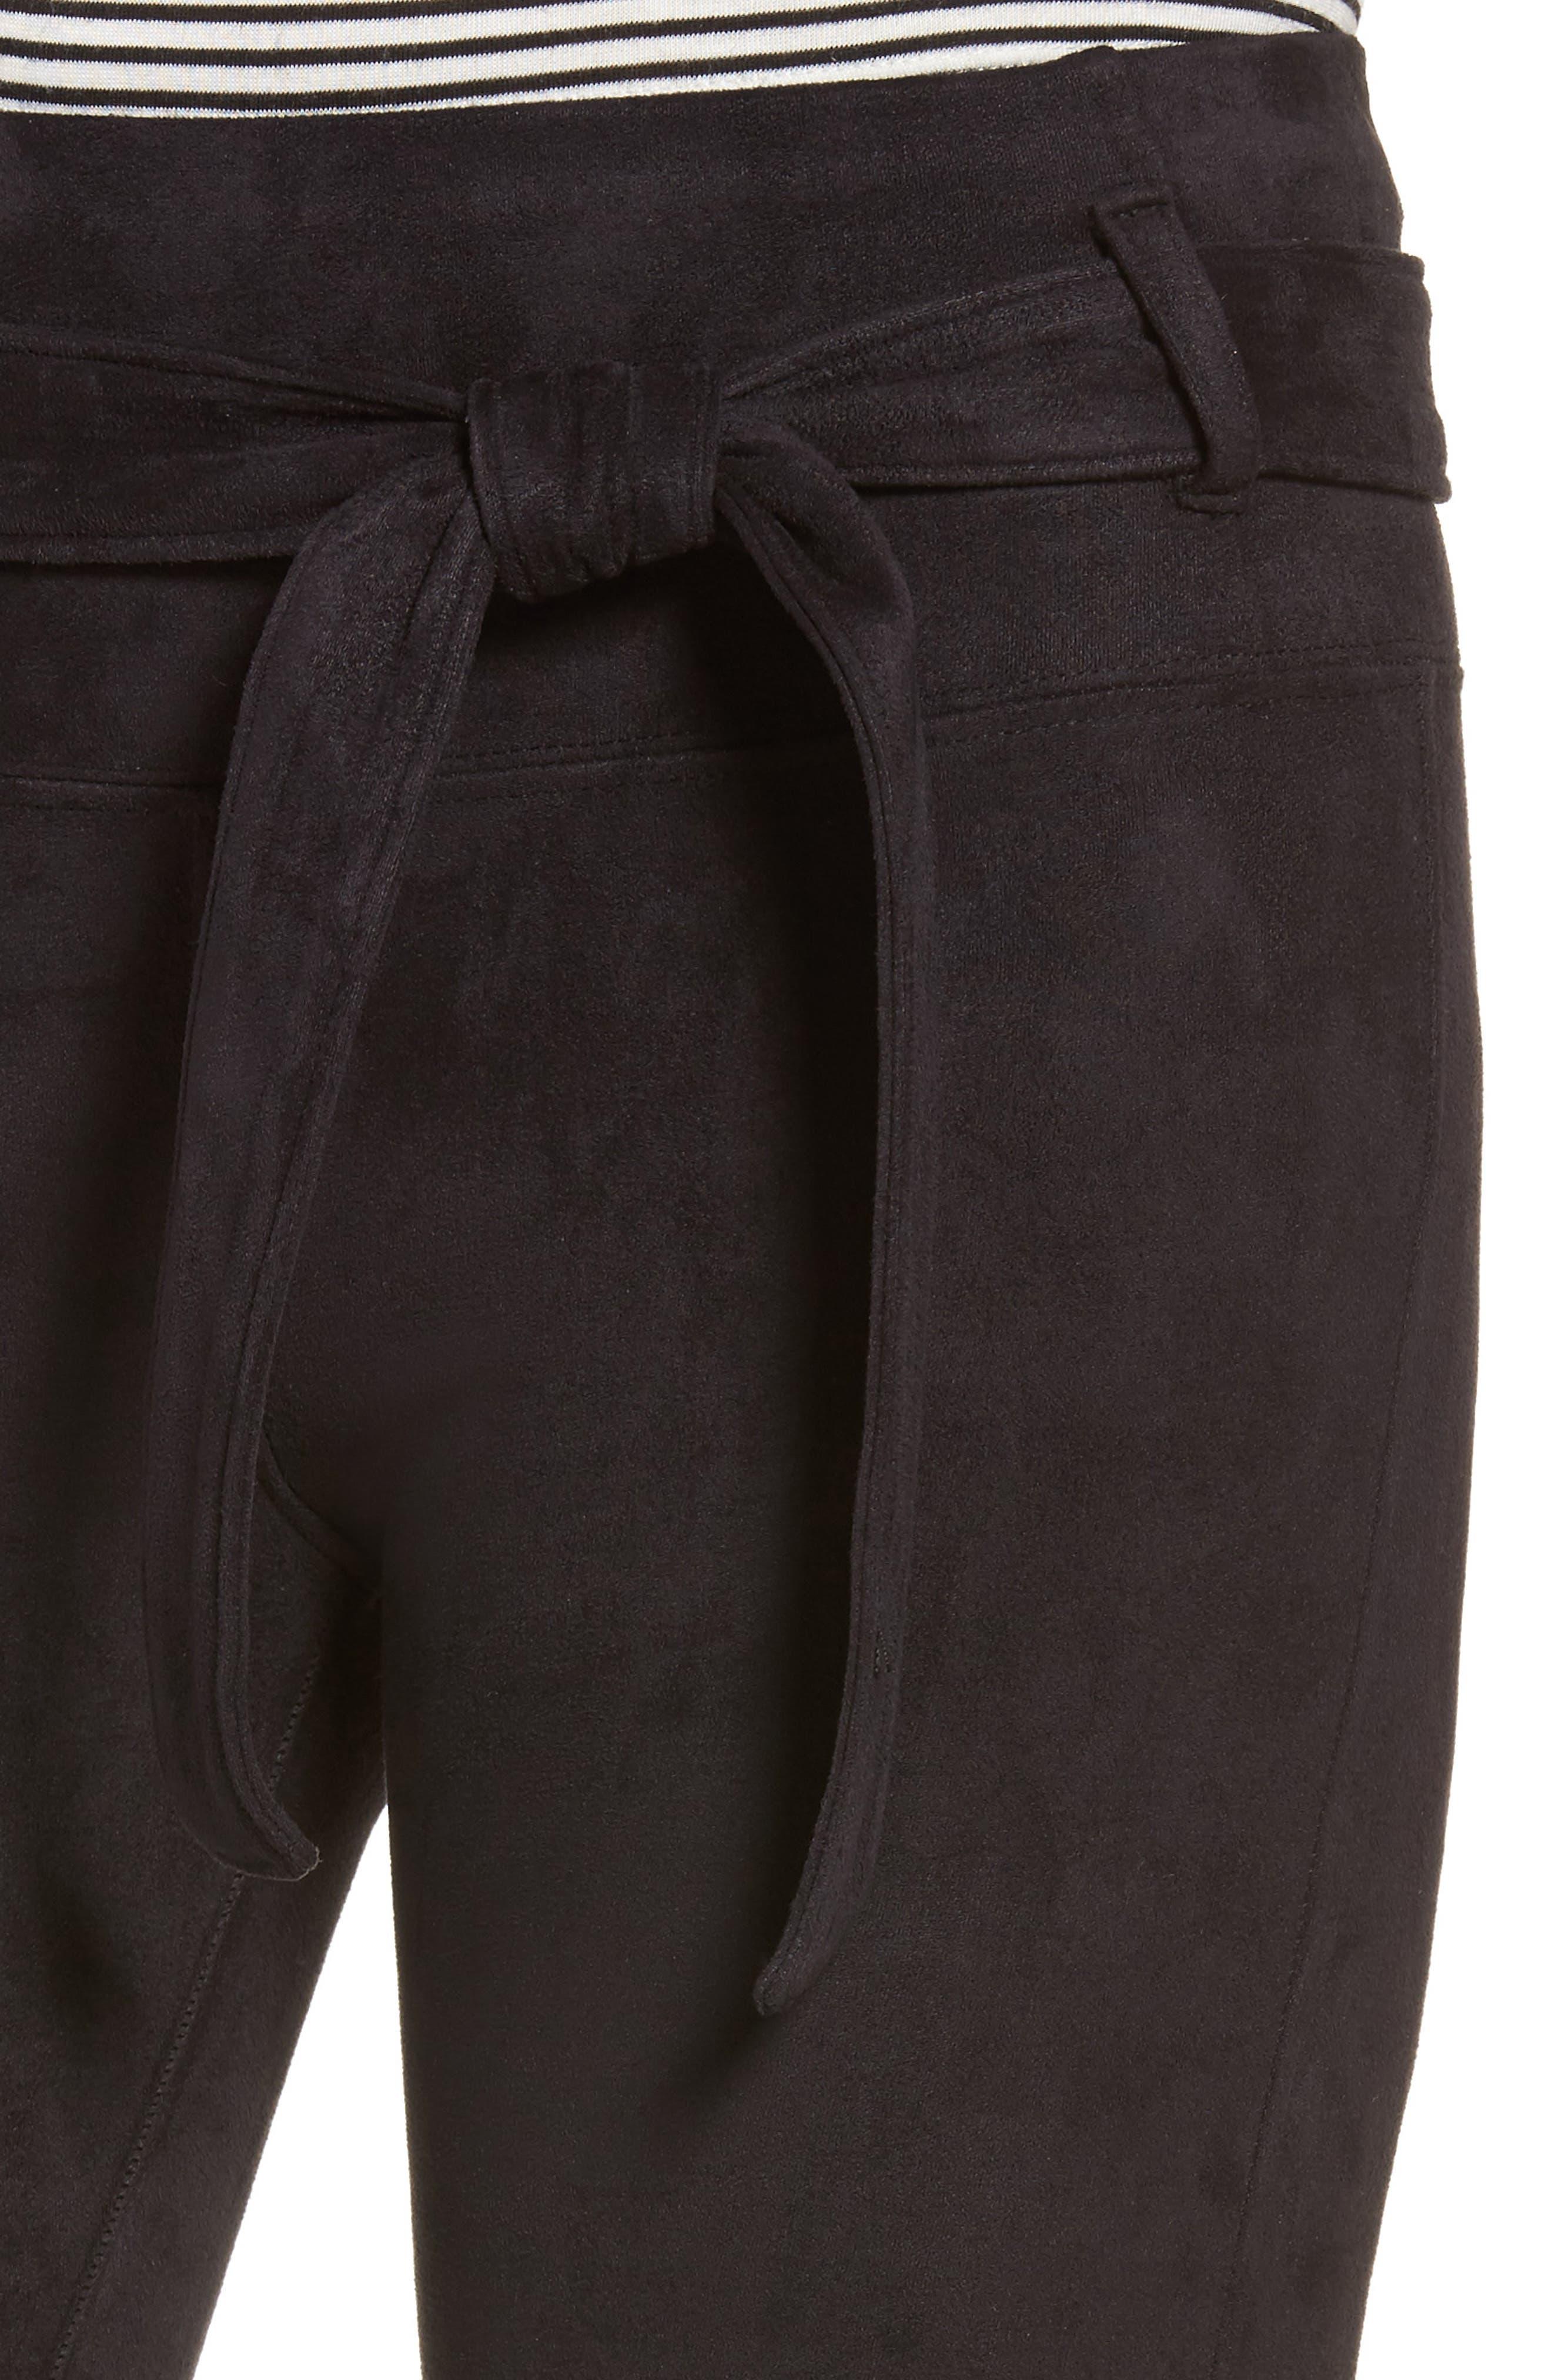 Elliot High Rise Tie Waist Leggings,                             Alternate thumbnail 4, color,                             001